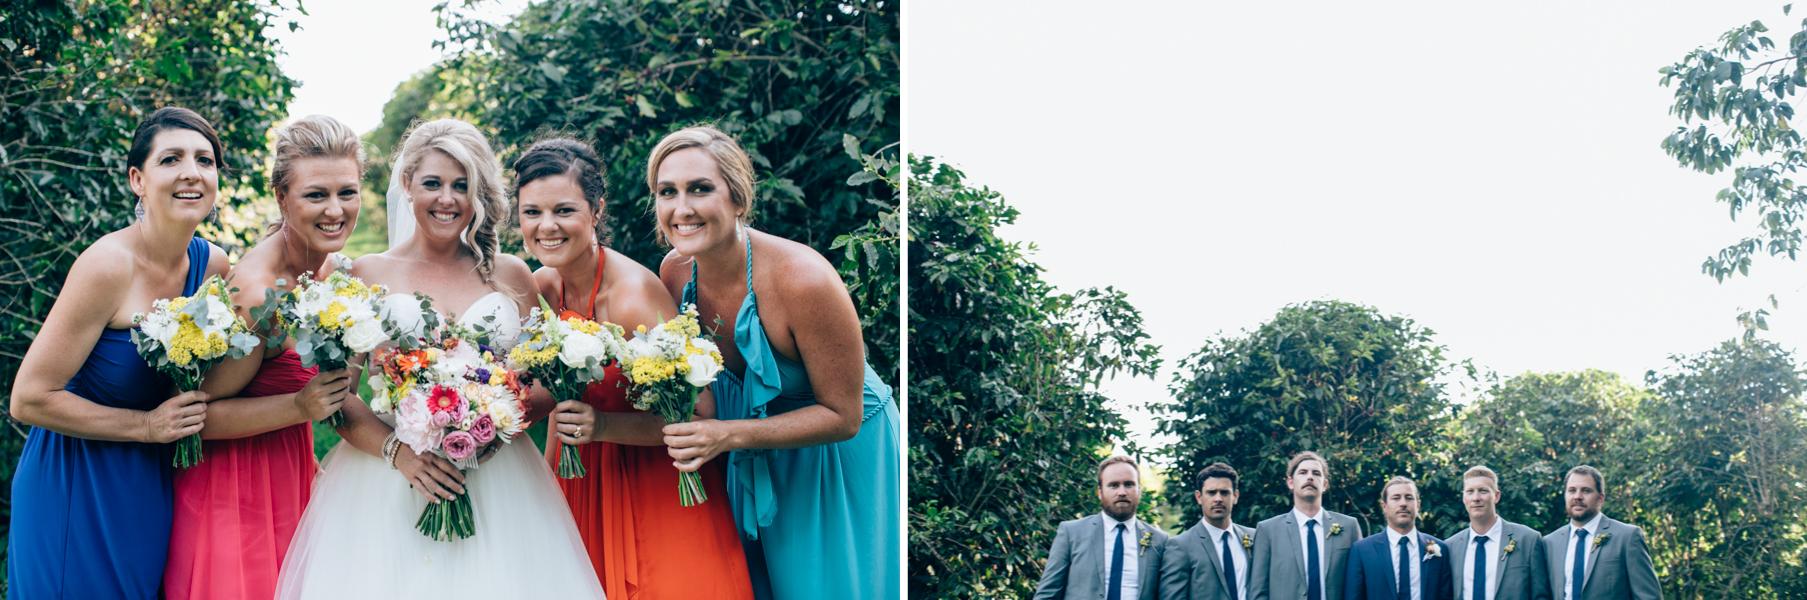 Erin & Craig Byron Bay Wedding Photography 29.jpg